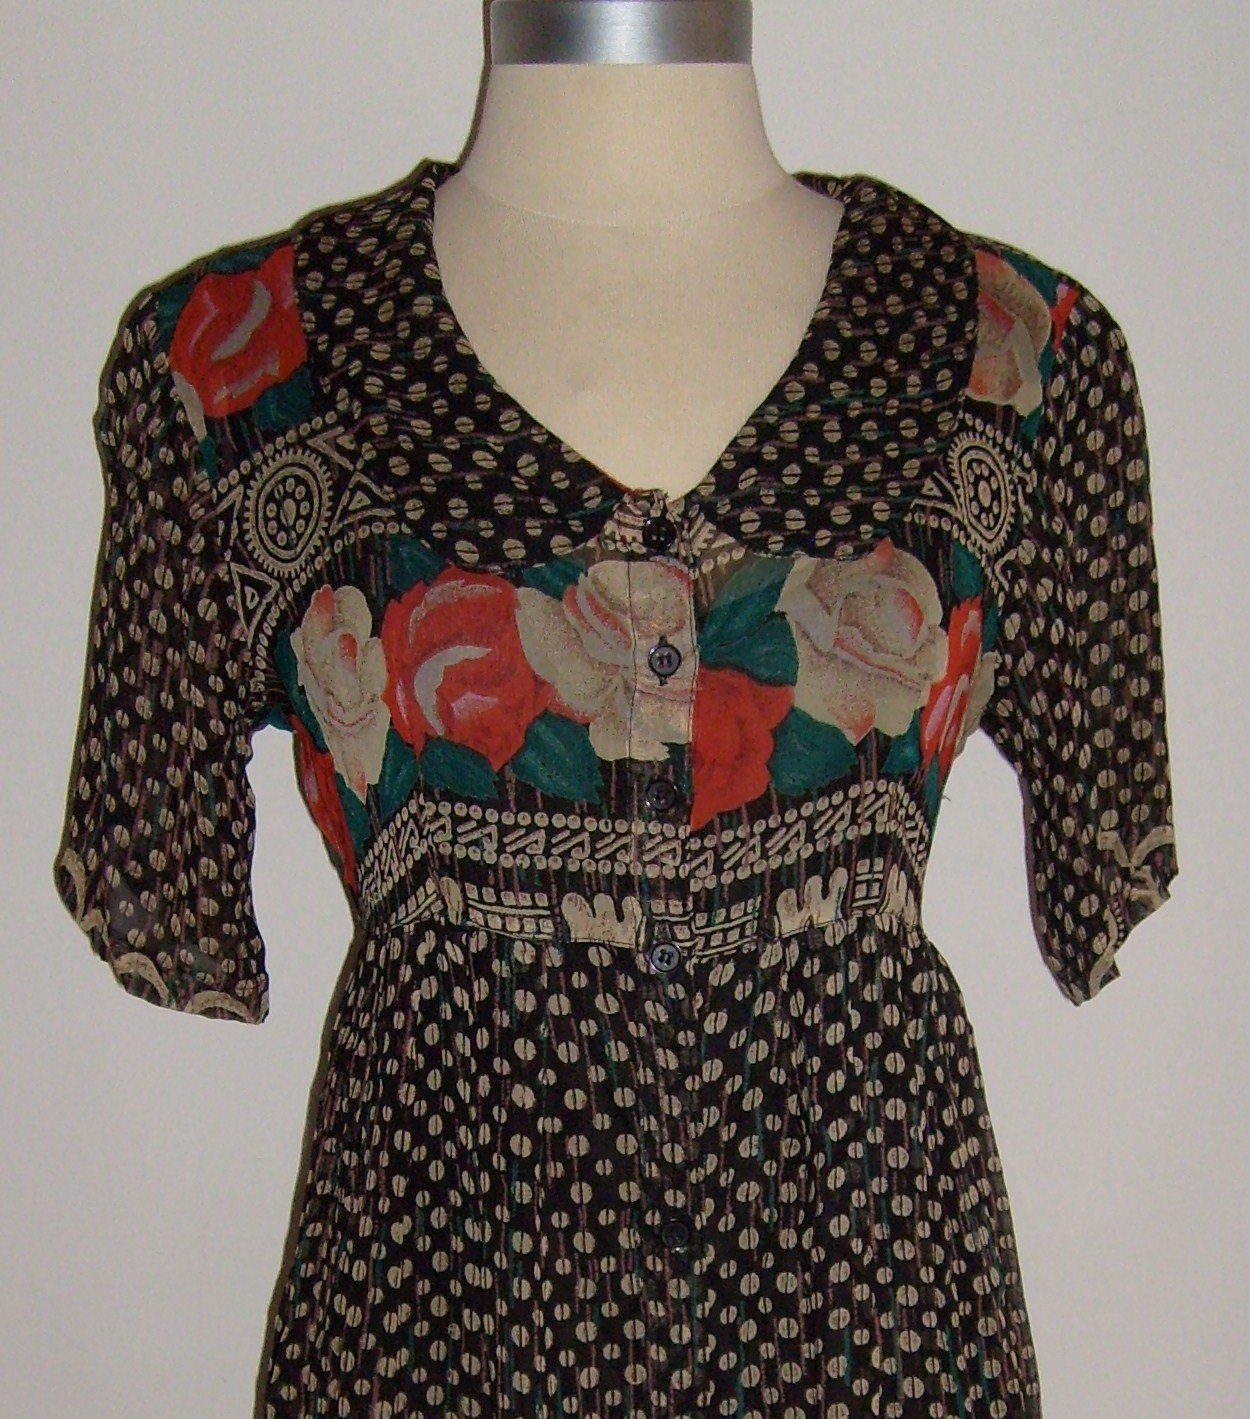 Vintage Papillon Floral Print Shirtwaist Dress Size 10